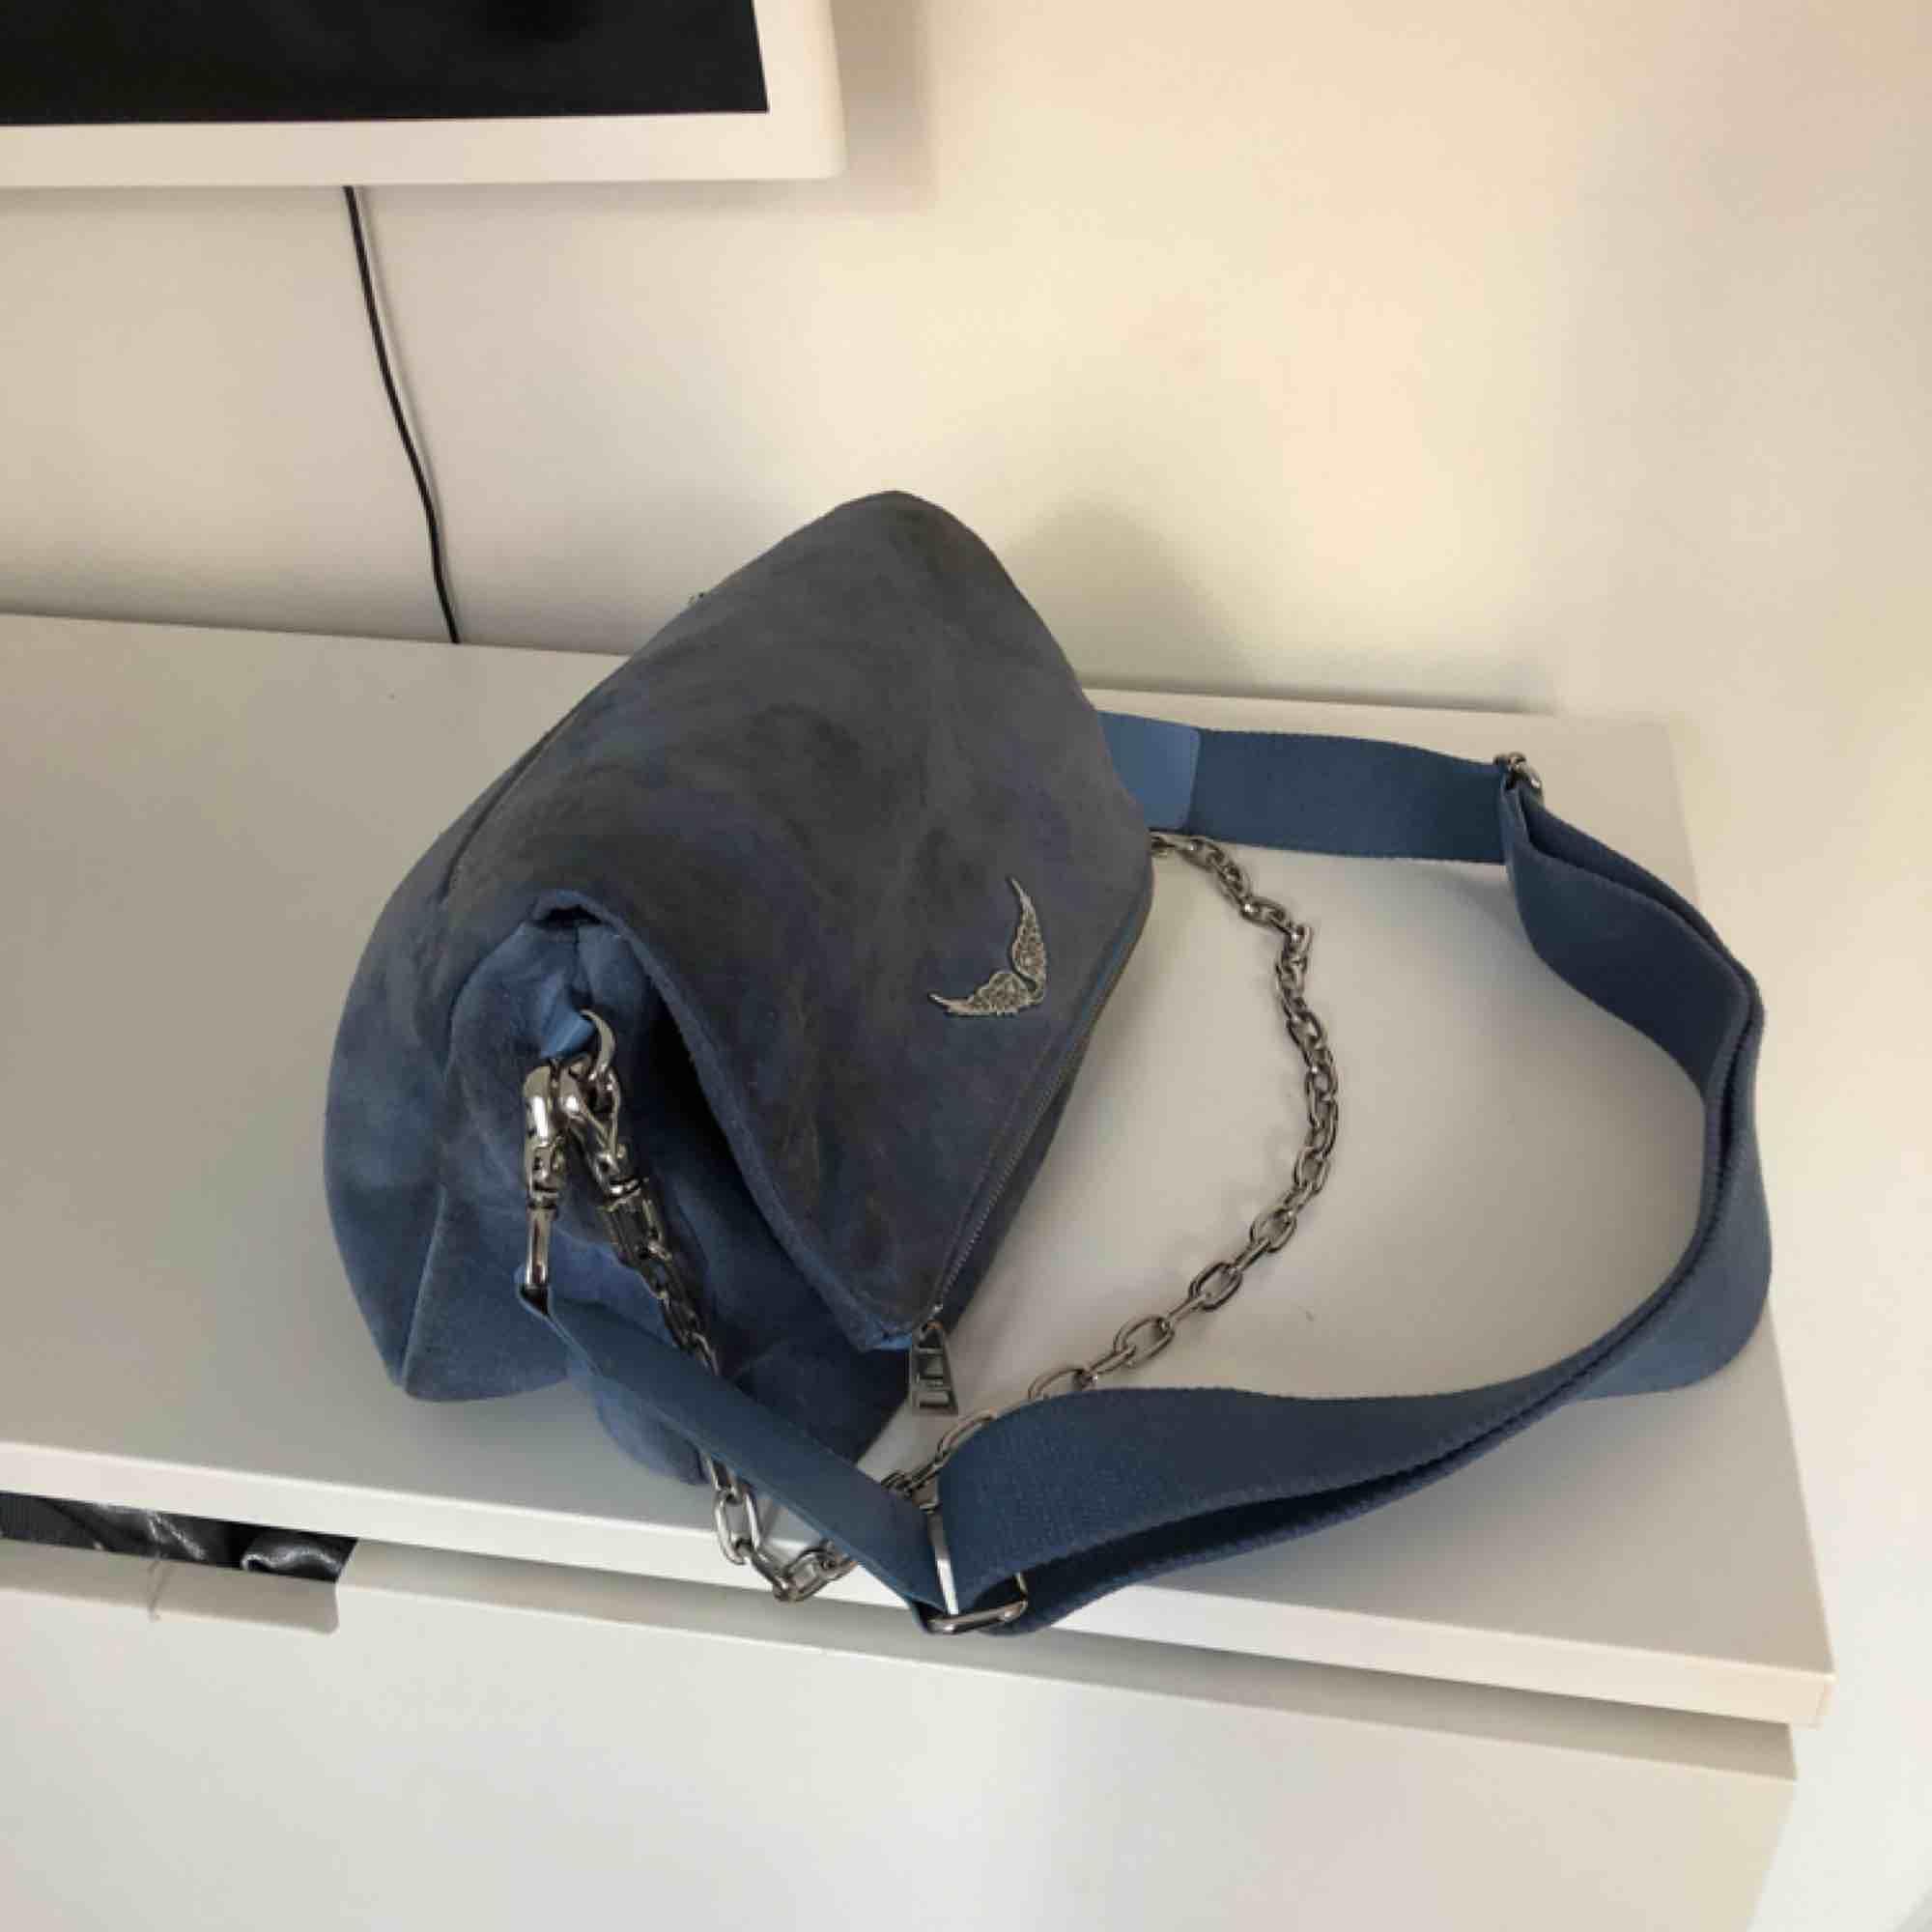 Zadig&Voltaire väska i en större modell, väskan tre större fack. Köptes i februari detta år och är i bra skick, dock eftersom den är i mocka är den lite mörkare på sidorna som man ser på bilden. . Accessoarer.